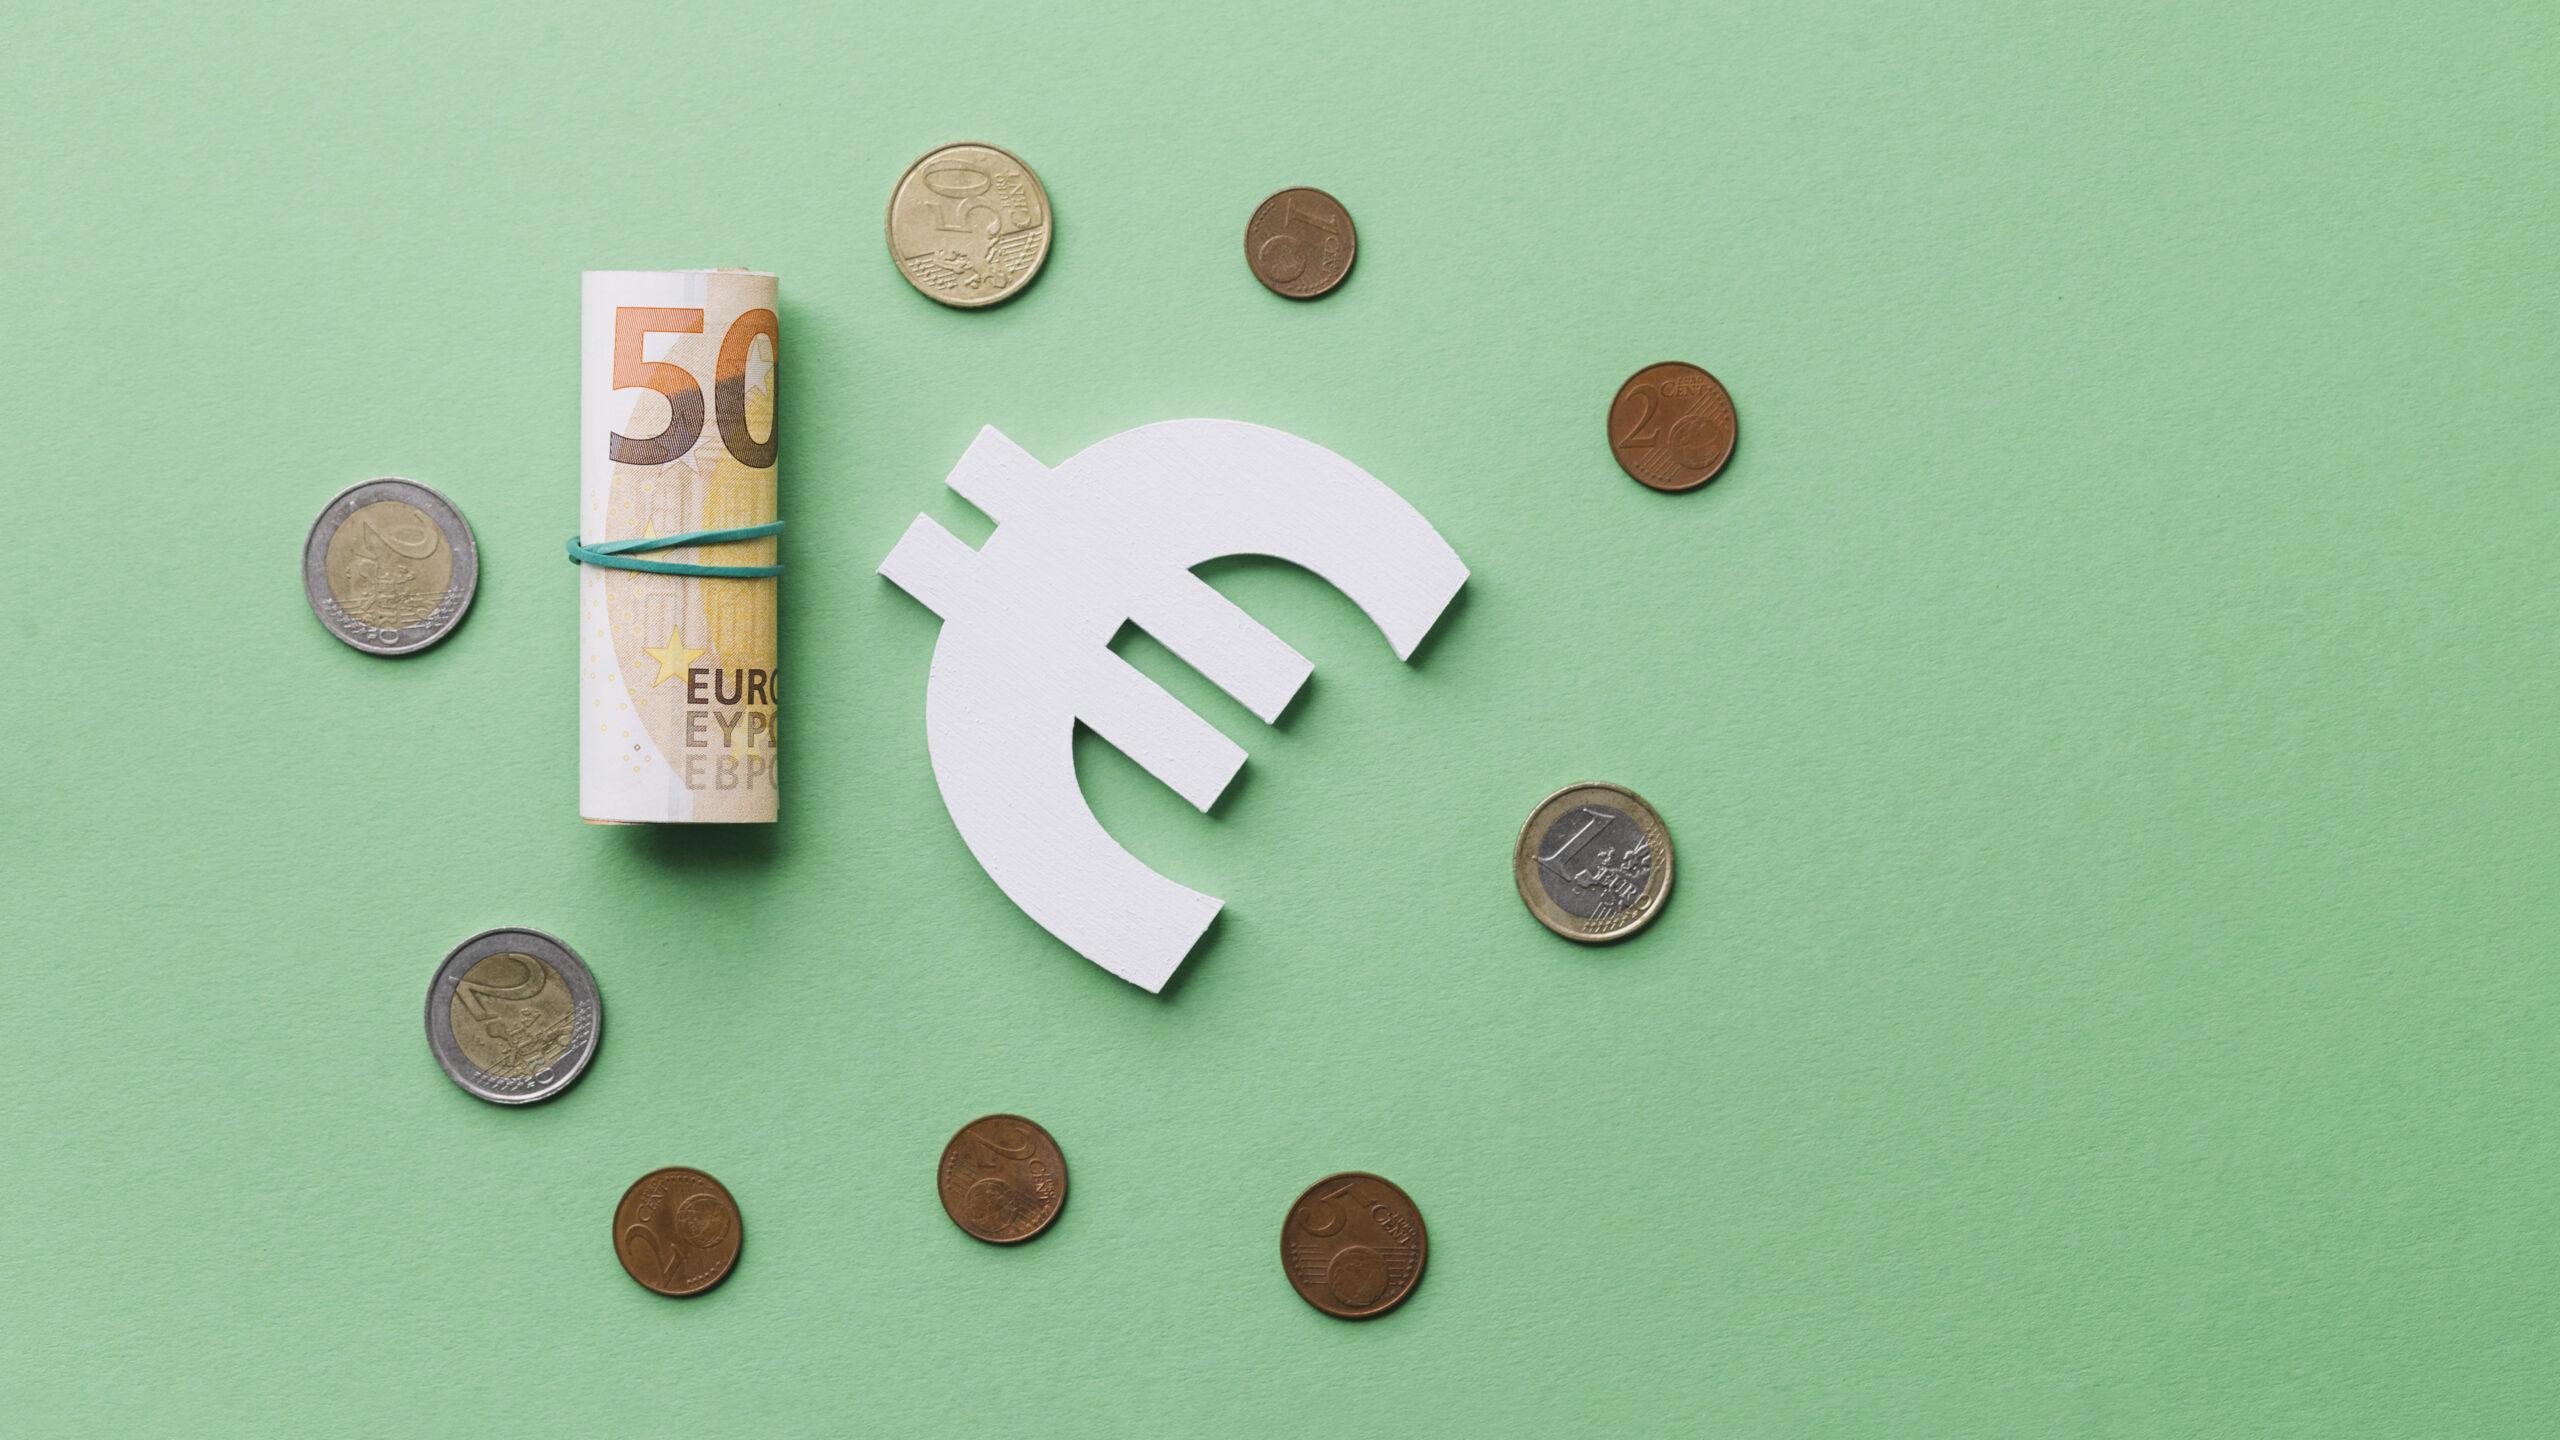 Assegni familiari, nidi e congedi per i papà: come costruire la parità di genere coi soldi europei